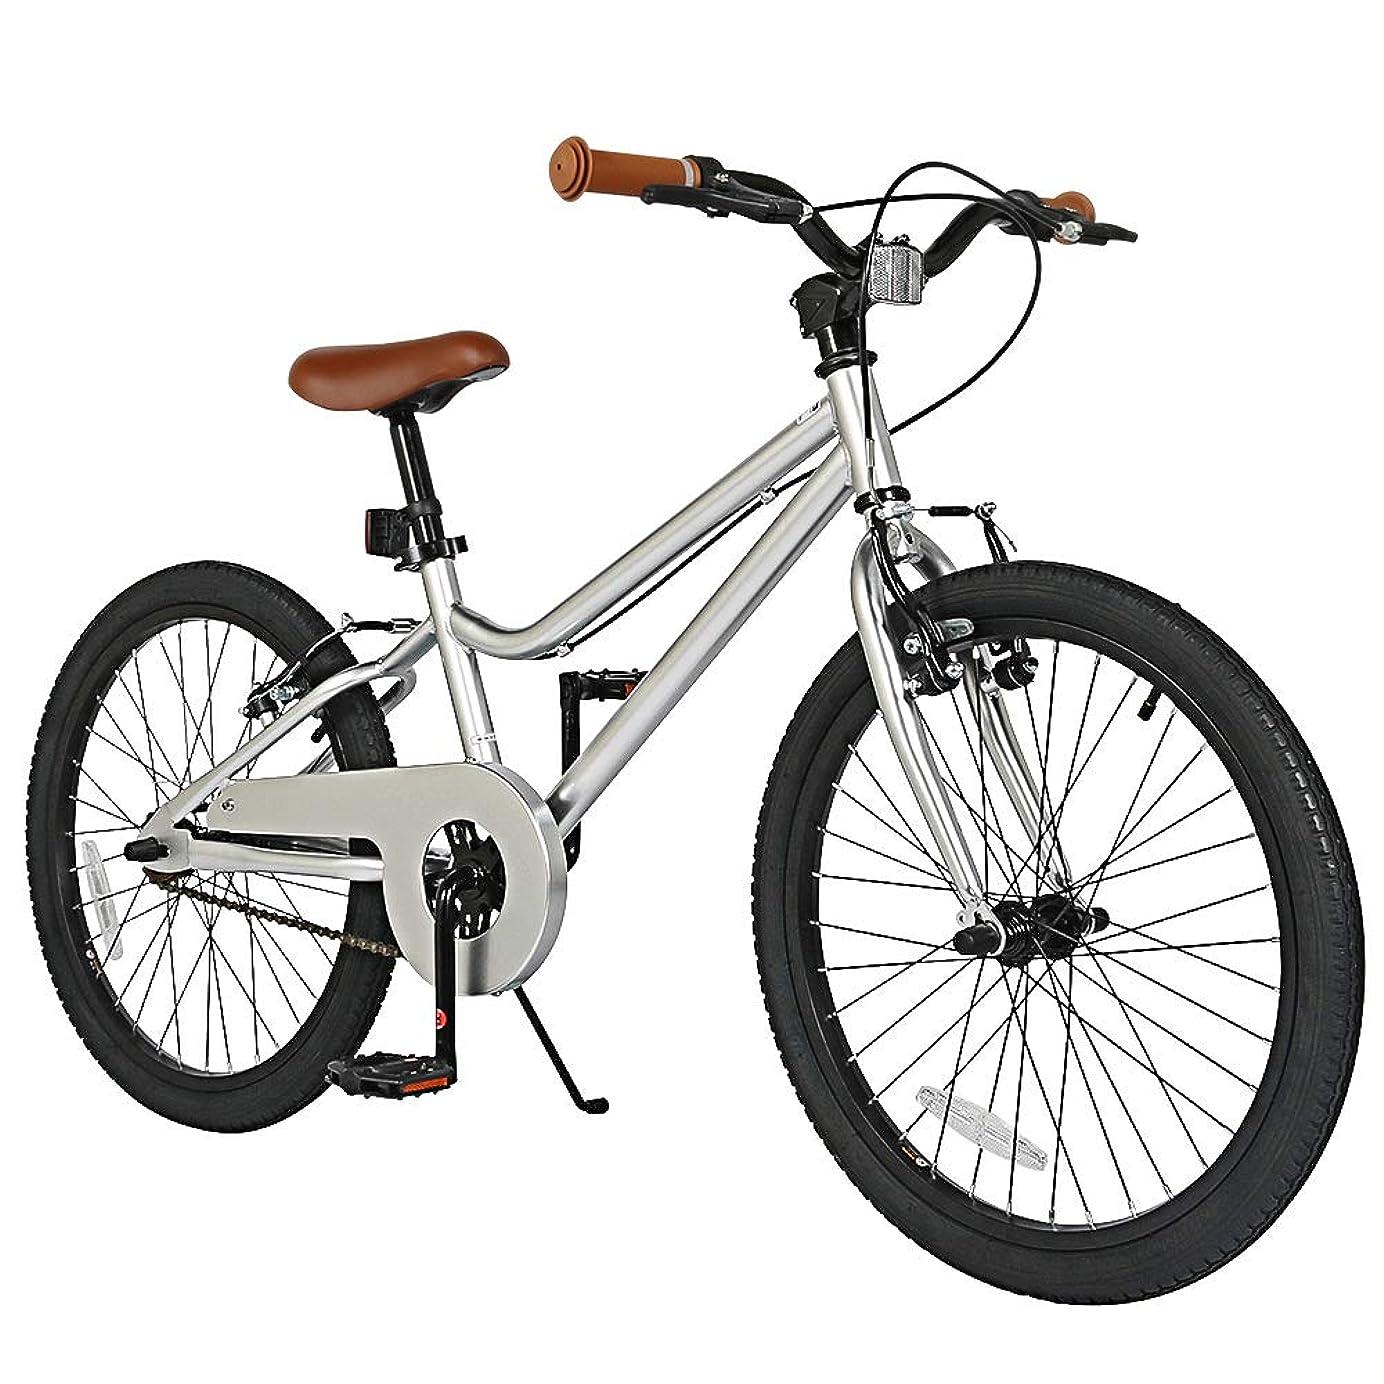 周術期交通渋滞冒険キッズバイク 16インチ トレーニングホイール付き 子供用自転車 20インチ キックスタンド付き 男の子 女の子 自転車